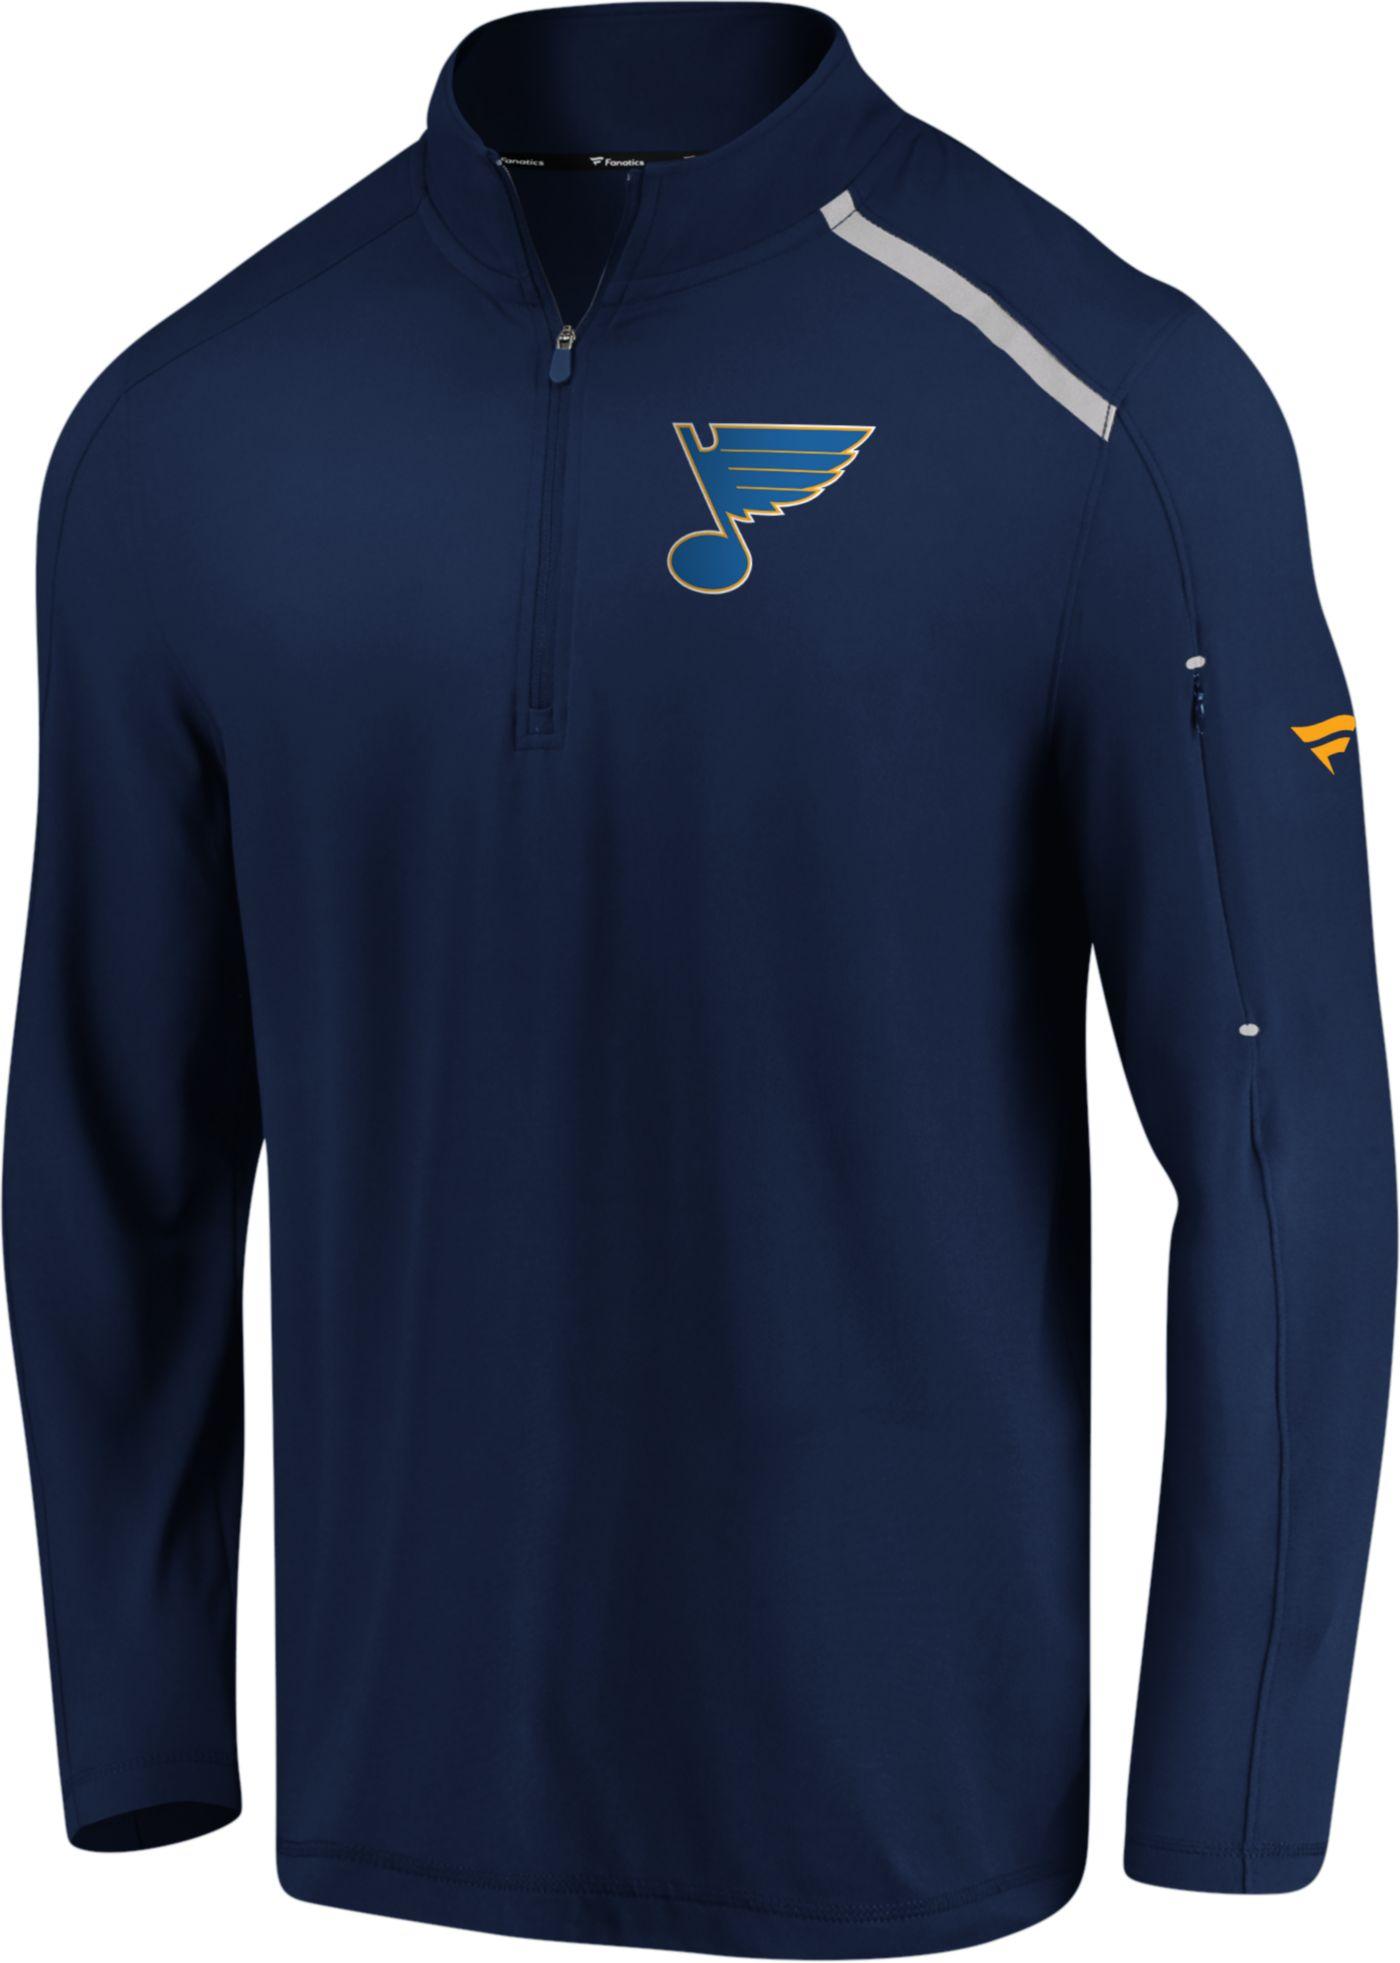 NHL Men's St. Louis Blues Authentic Pro Clutch Navy Quarter-Zip Pullover